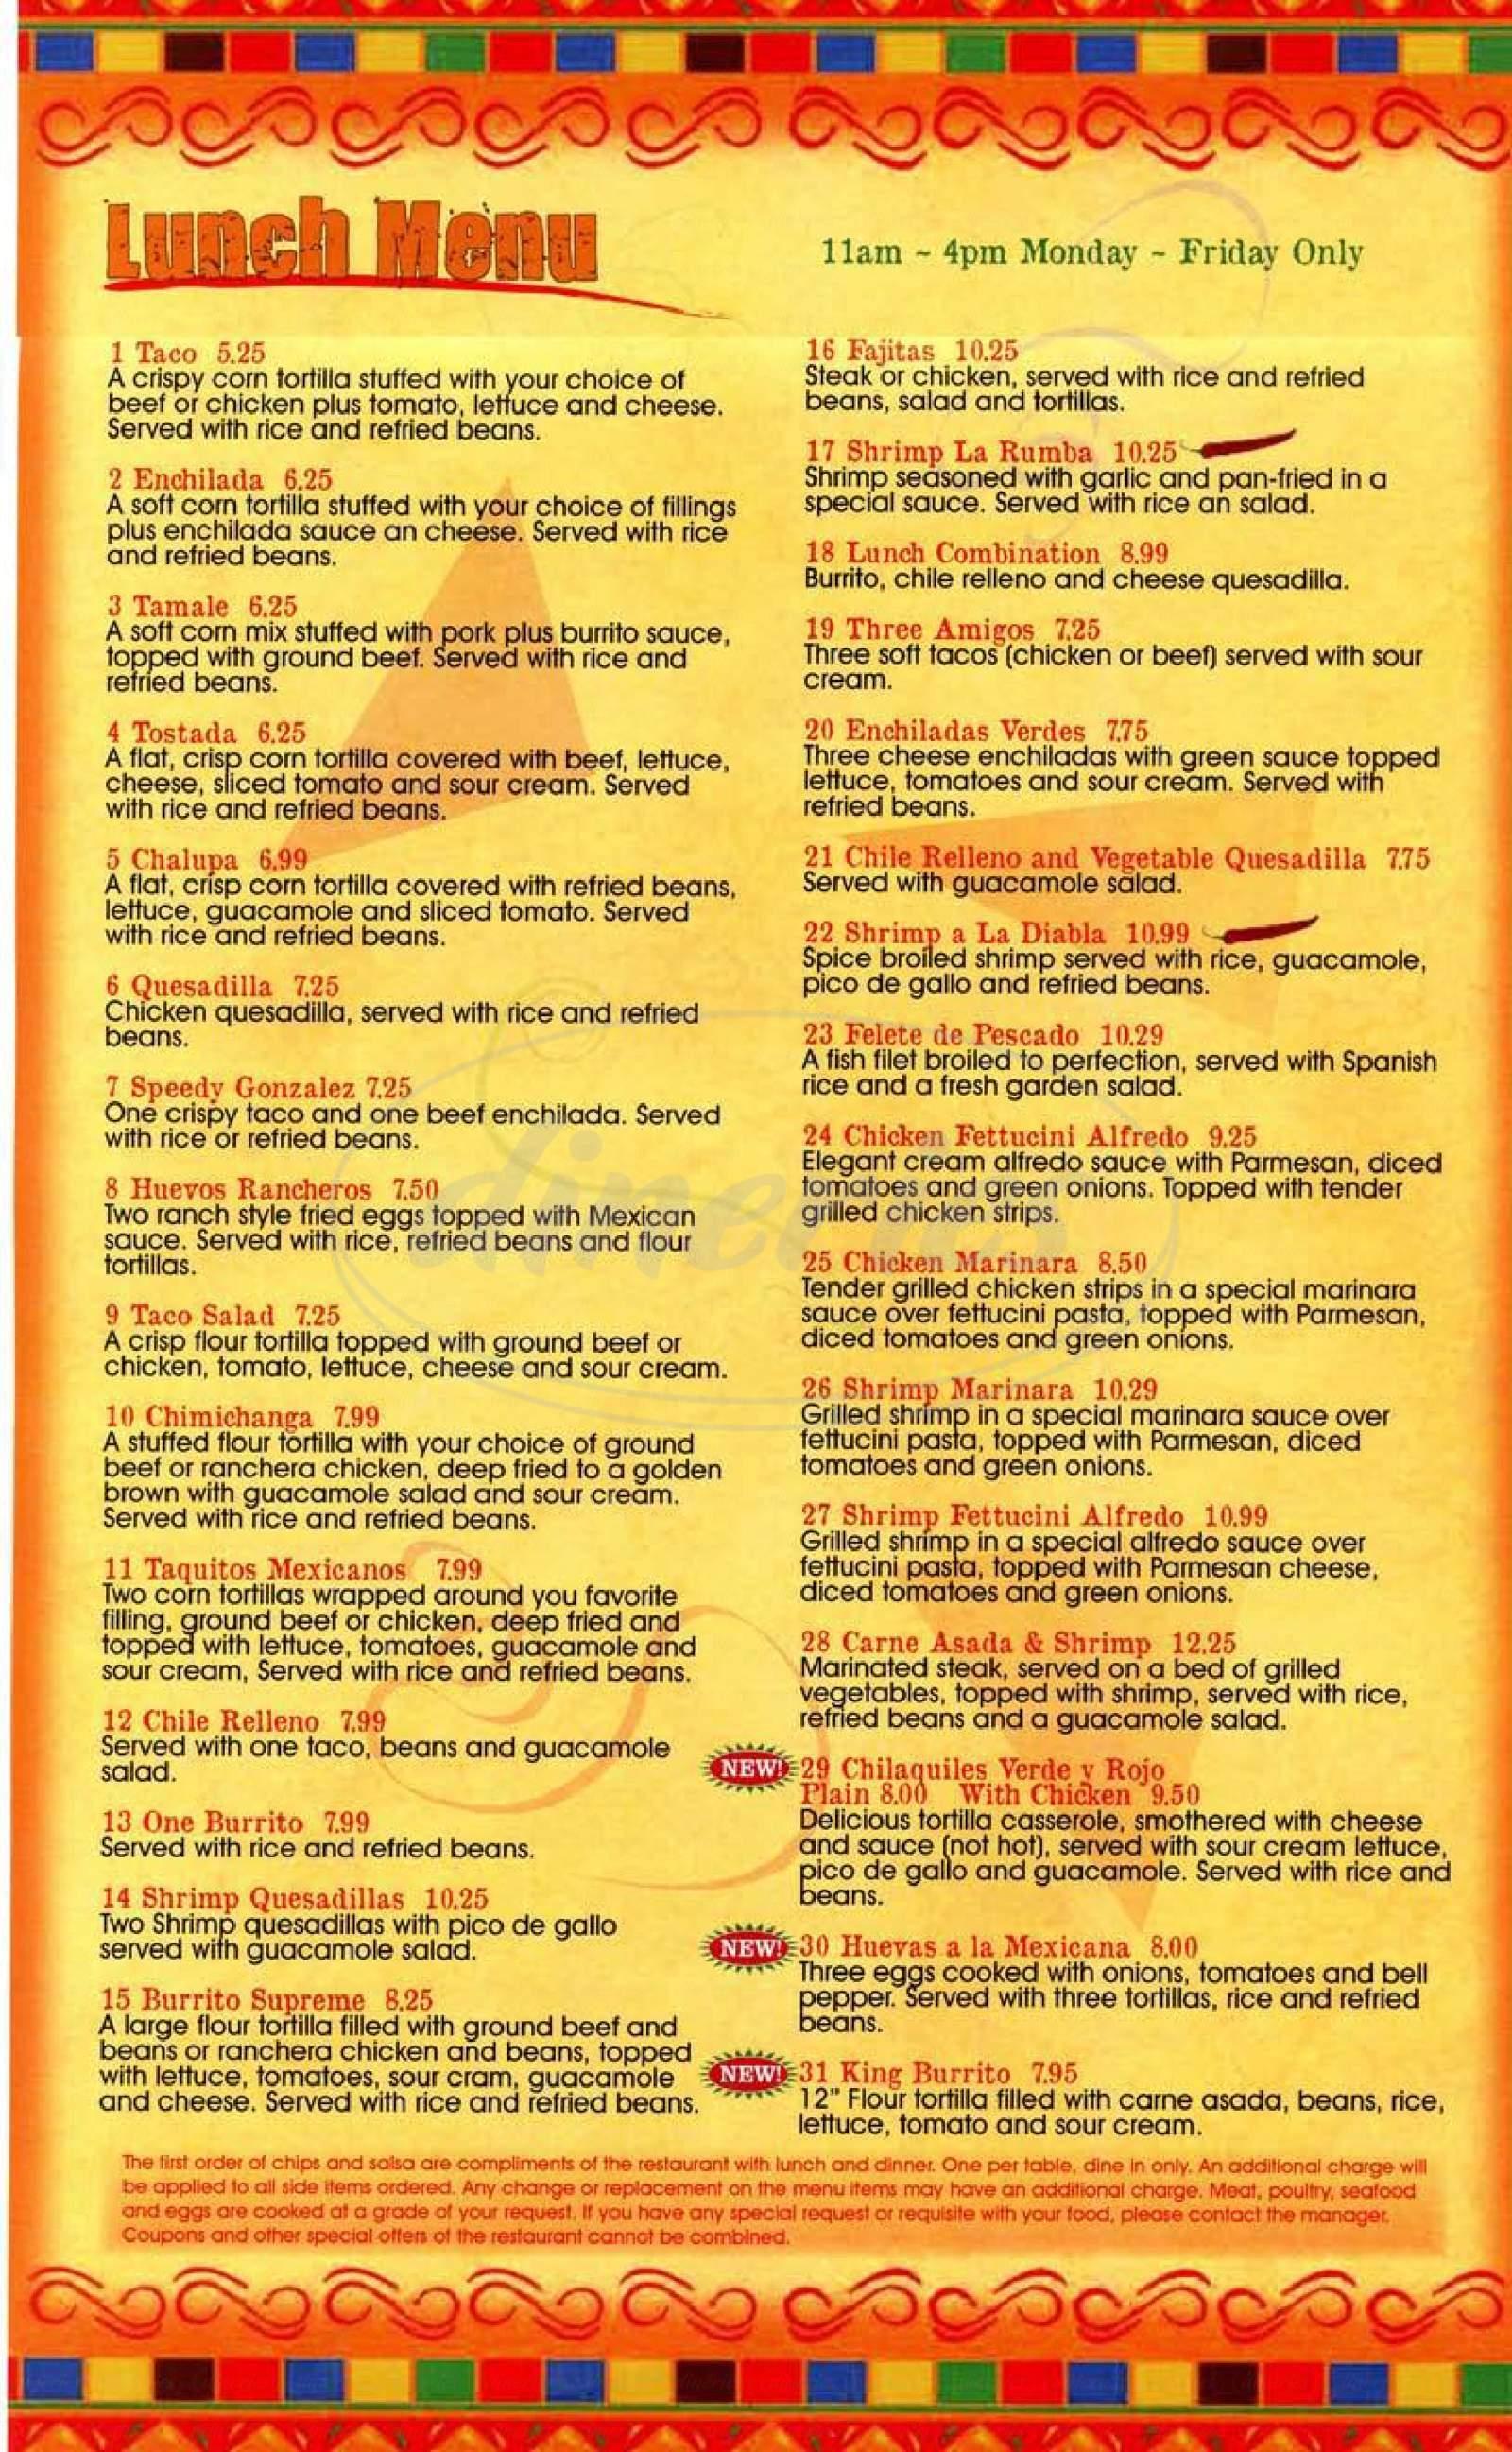 menu for La Rumba